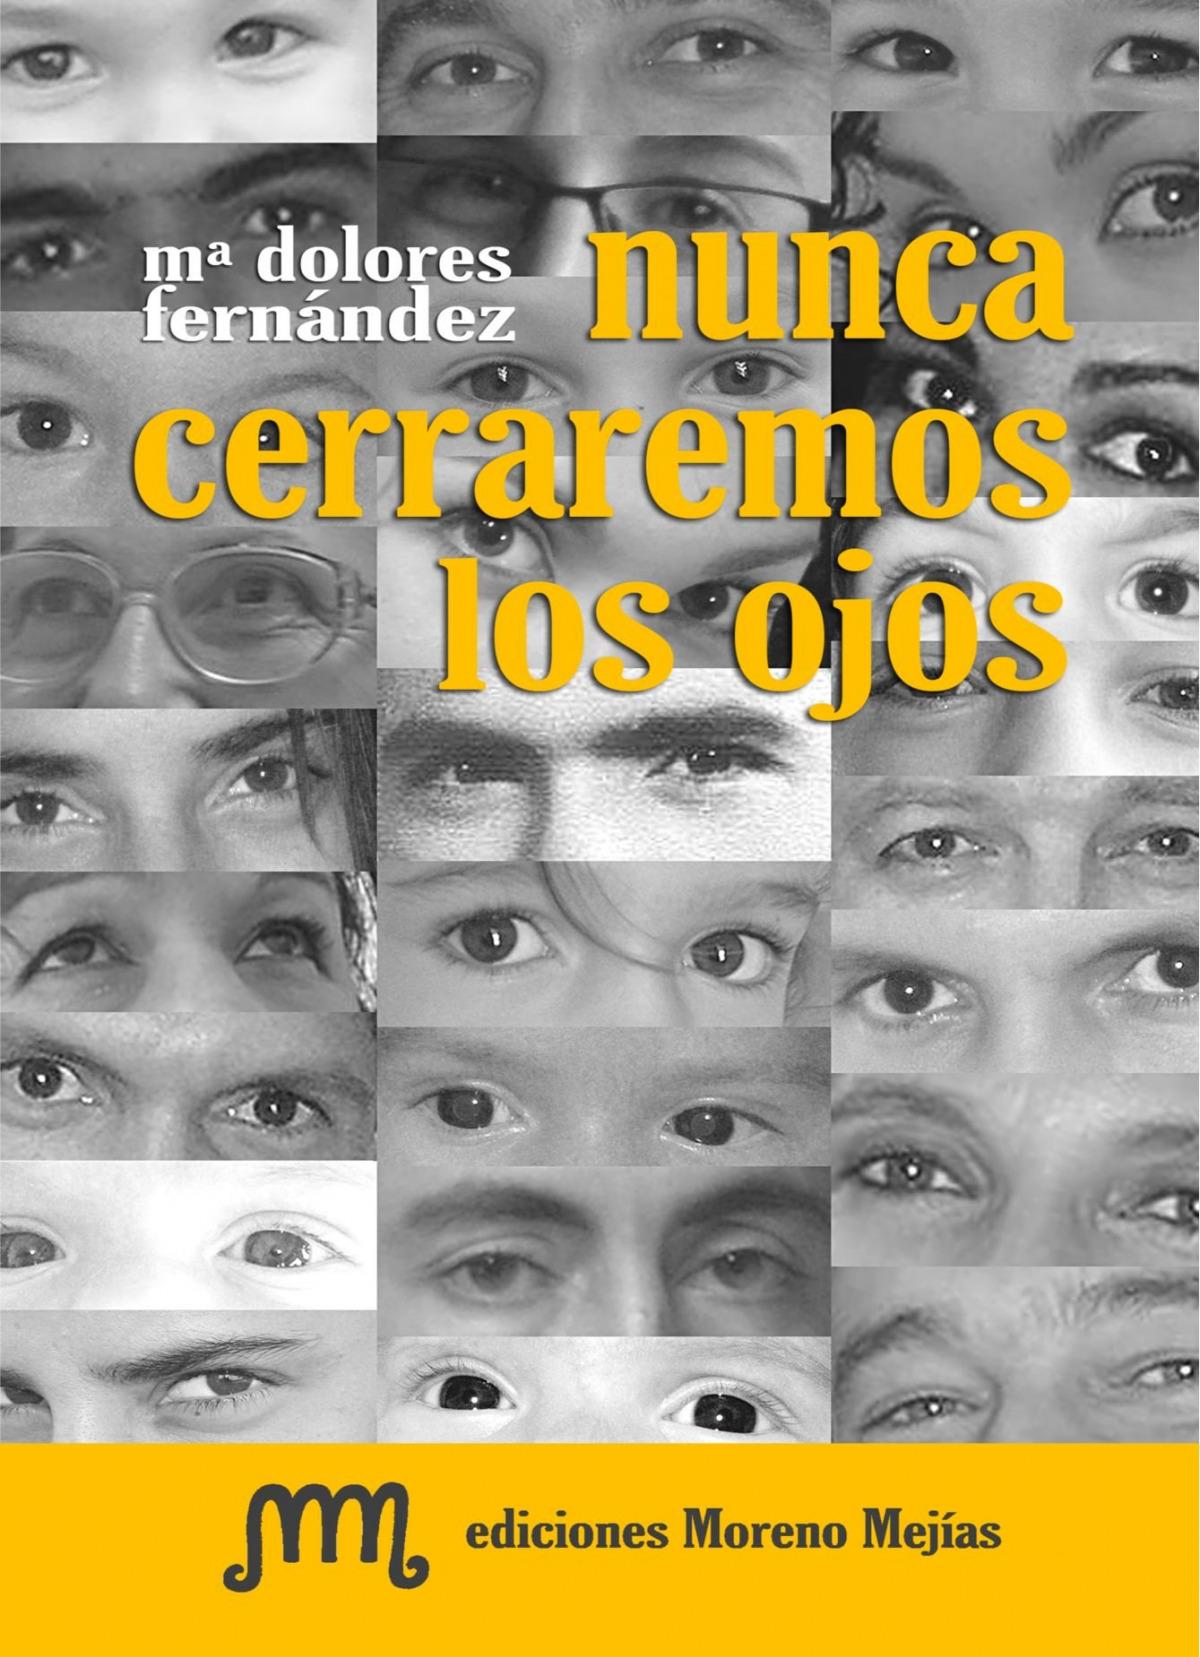 Nunca cerremos los ojos - Fernandez, Mª Dolores